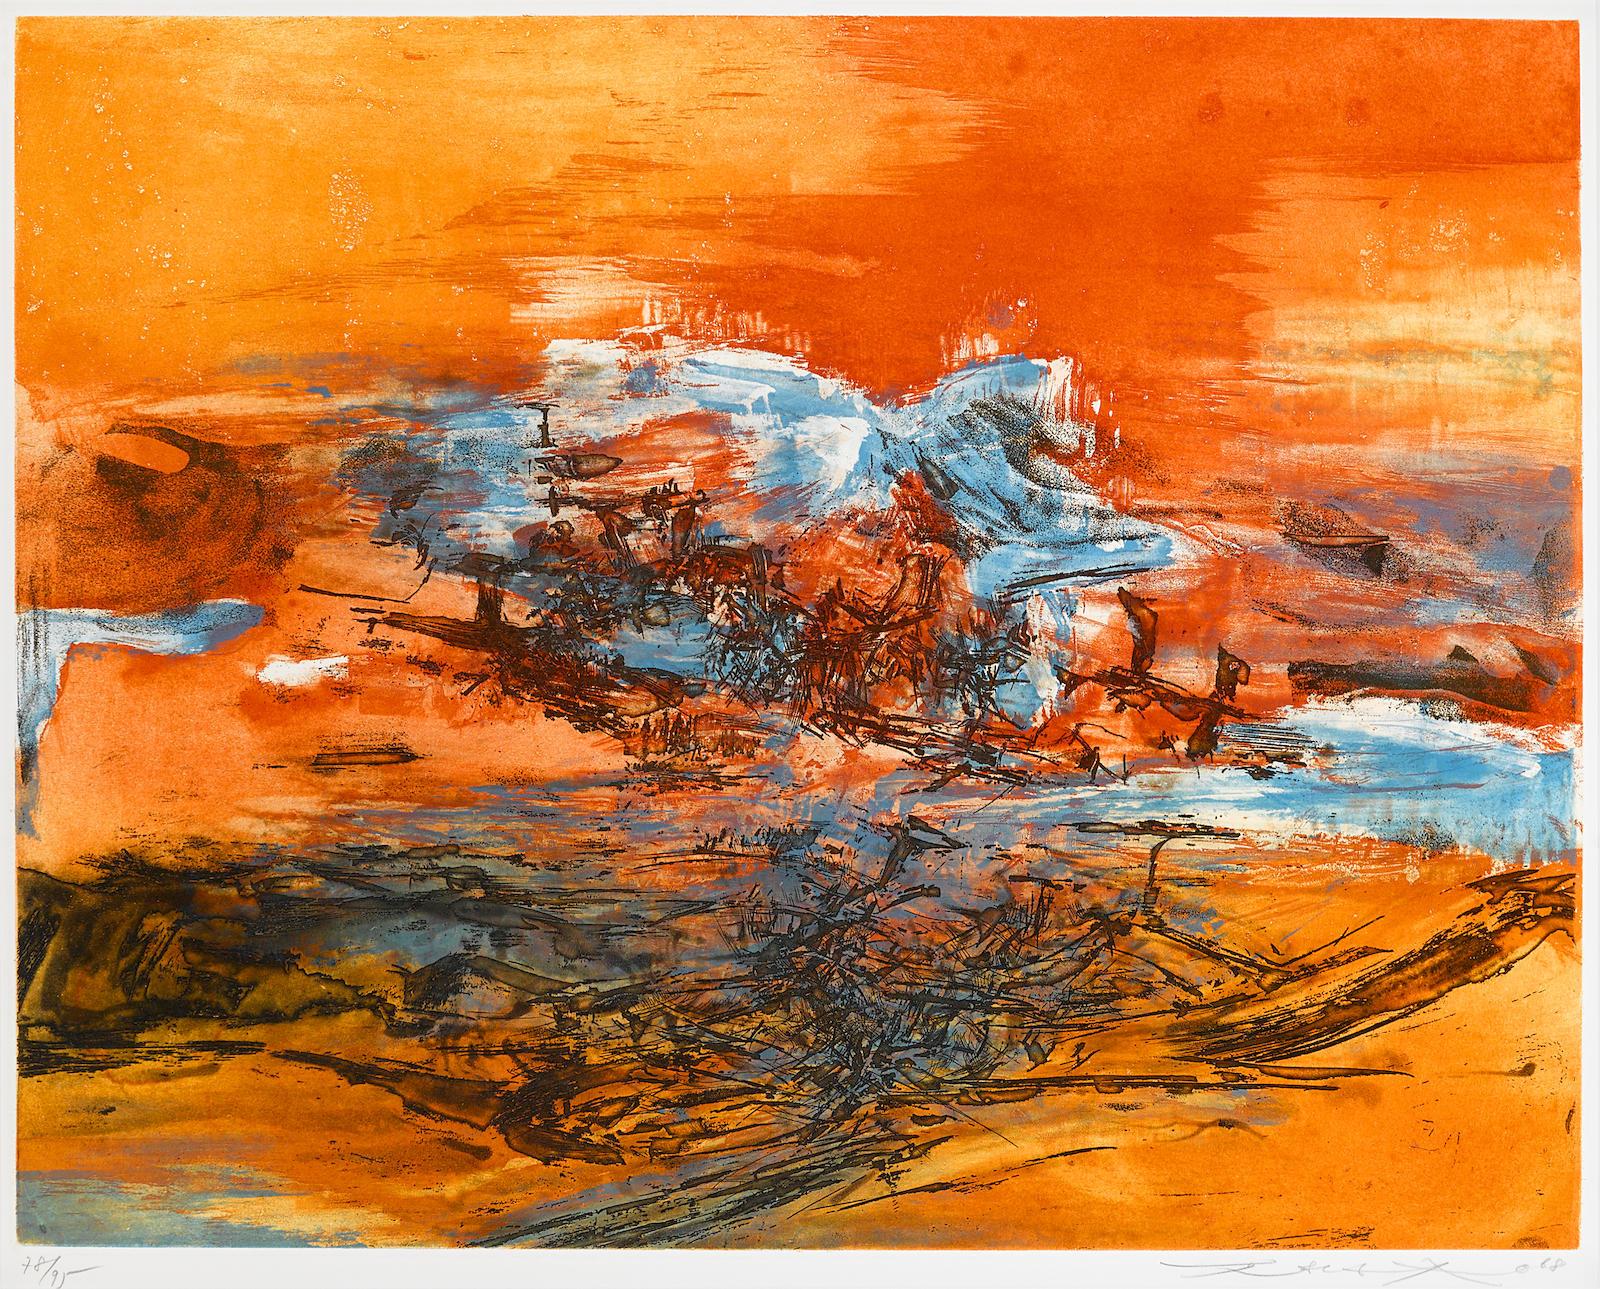 Zao Wou-Ki-Joui Letejoui Lete (A. 196)-1968